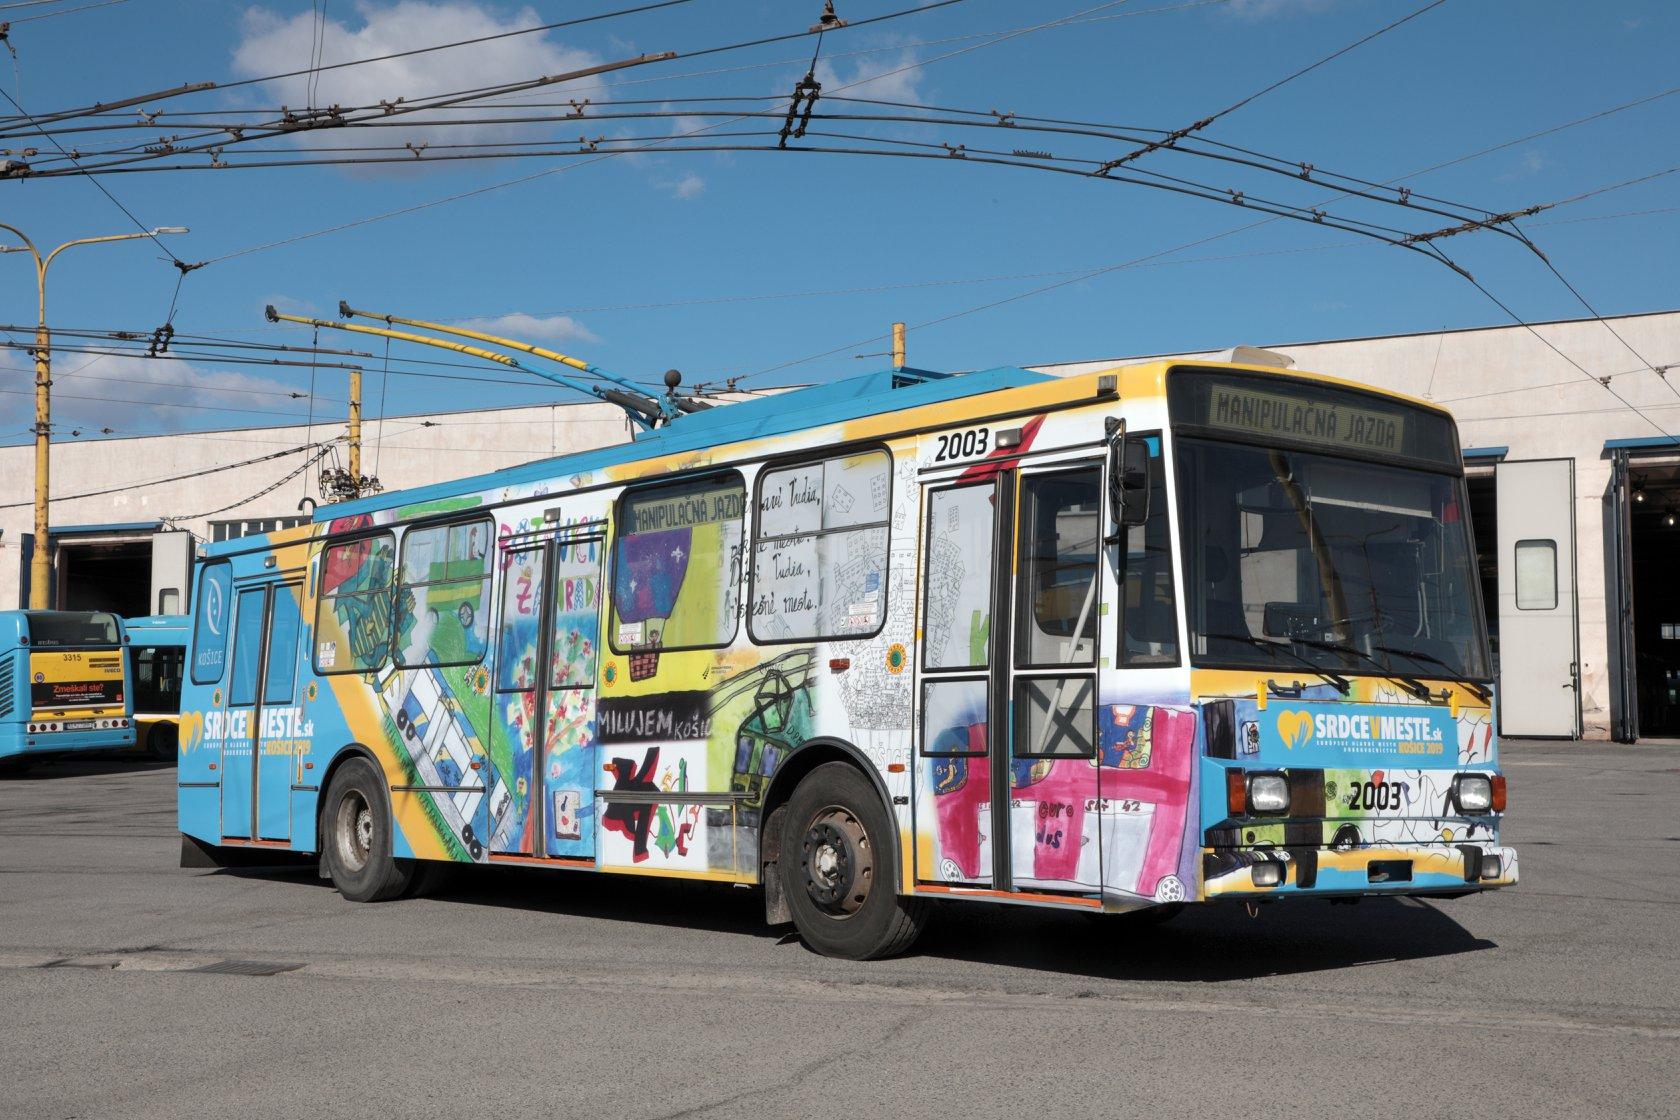 Trolejbus Škoda 14 TrM ev. č. 2003 s novým polepem. (zdroj: Facebook Jaroslava Polačka)